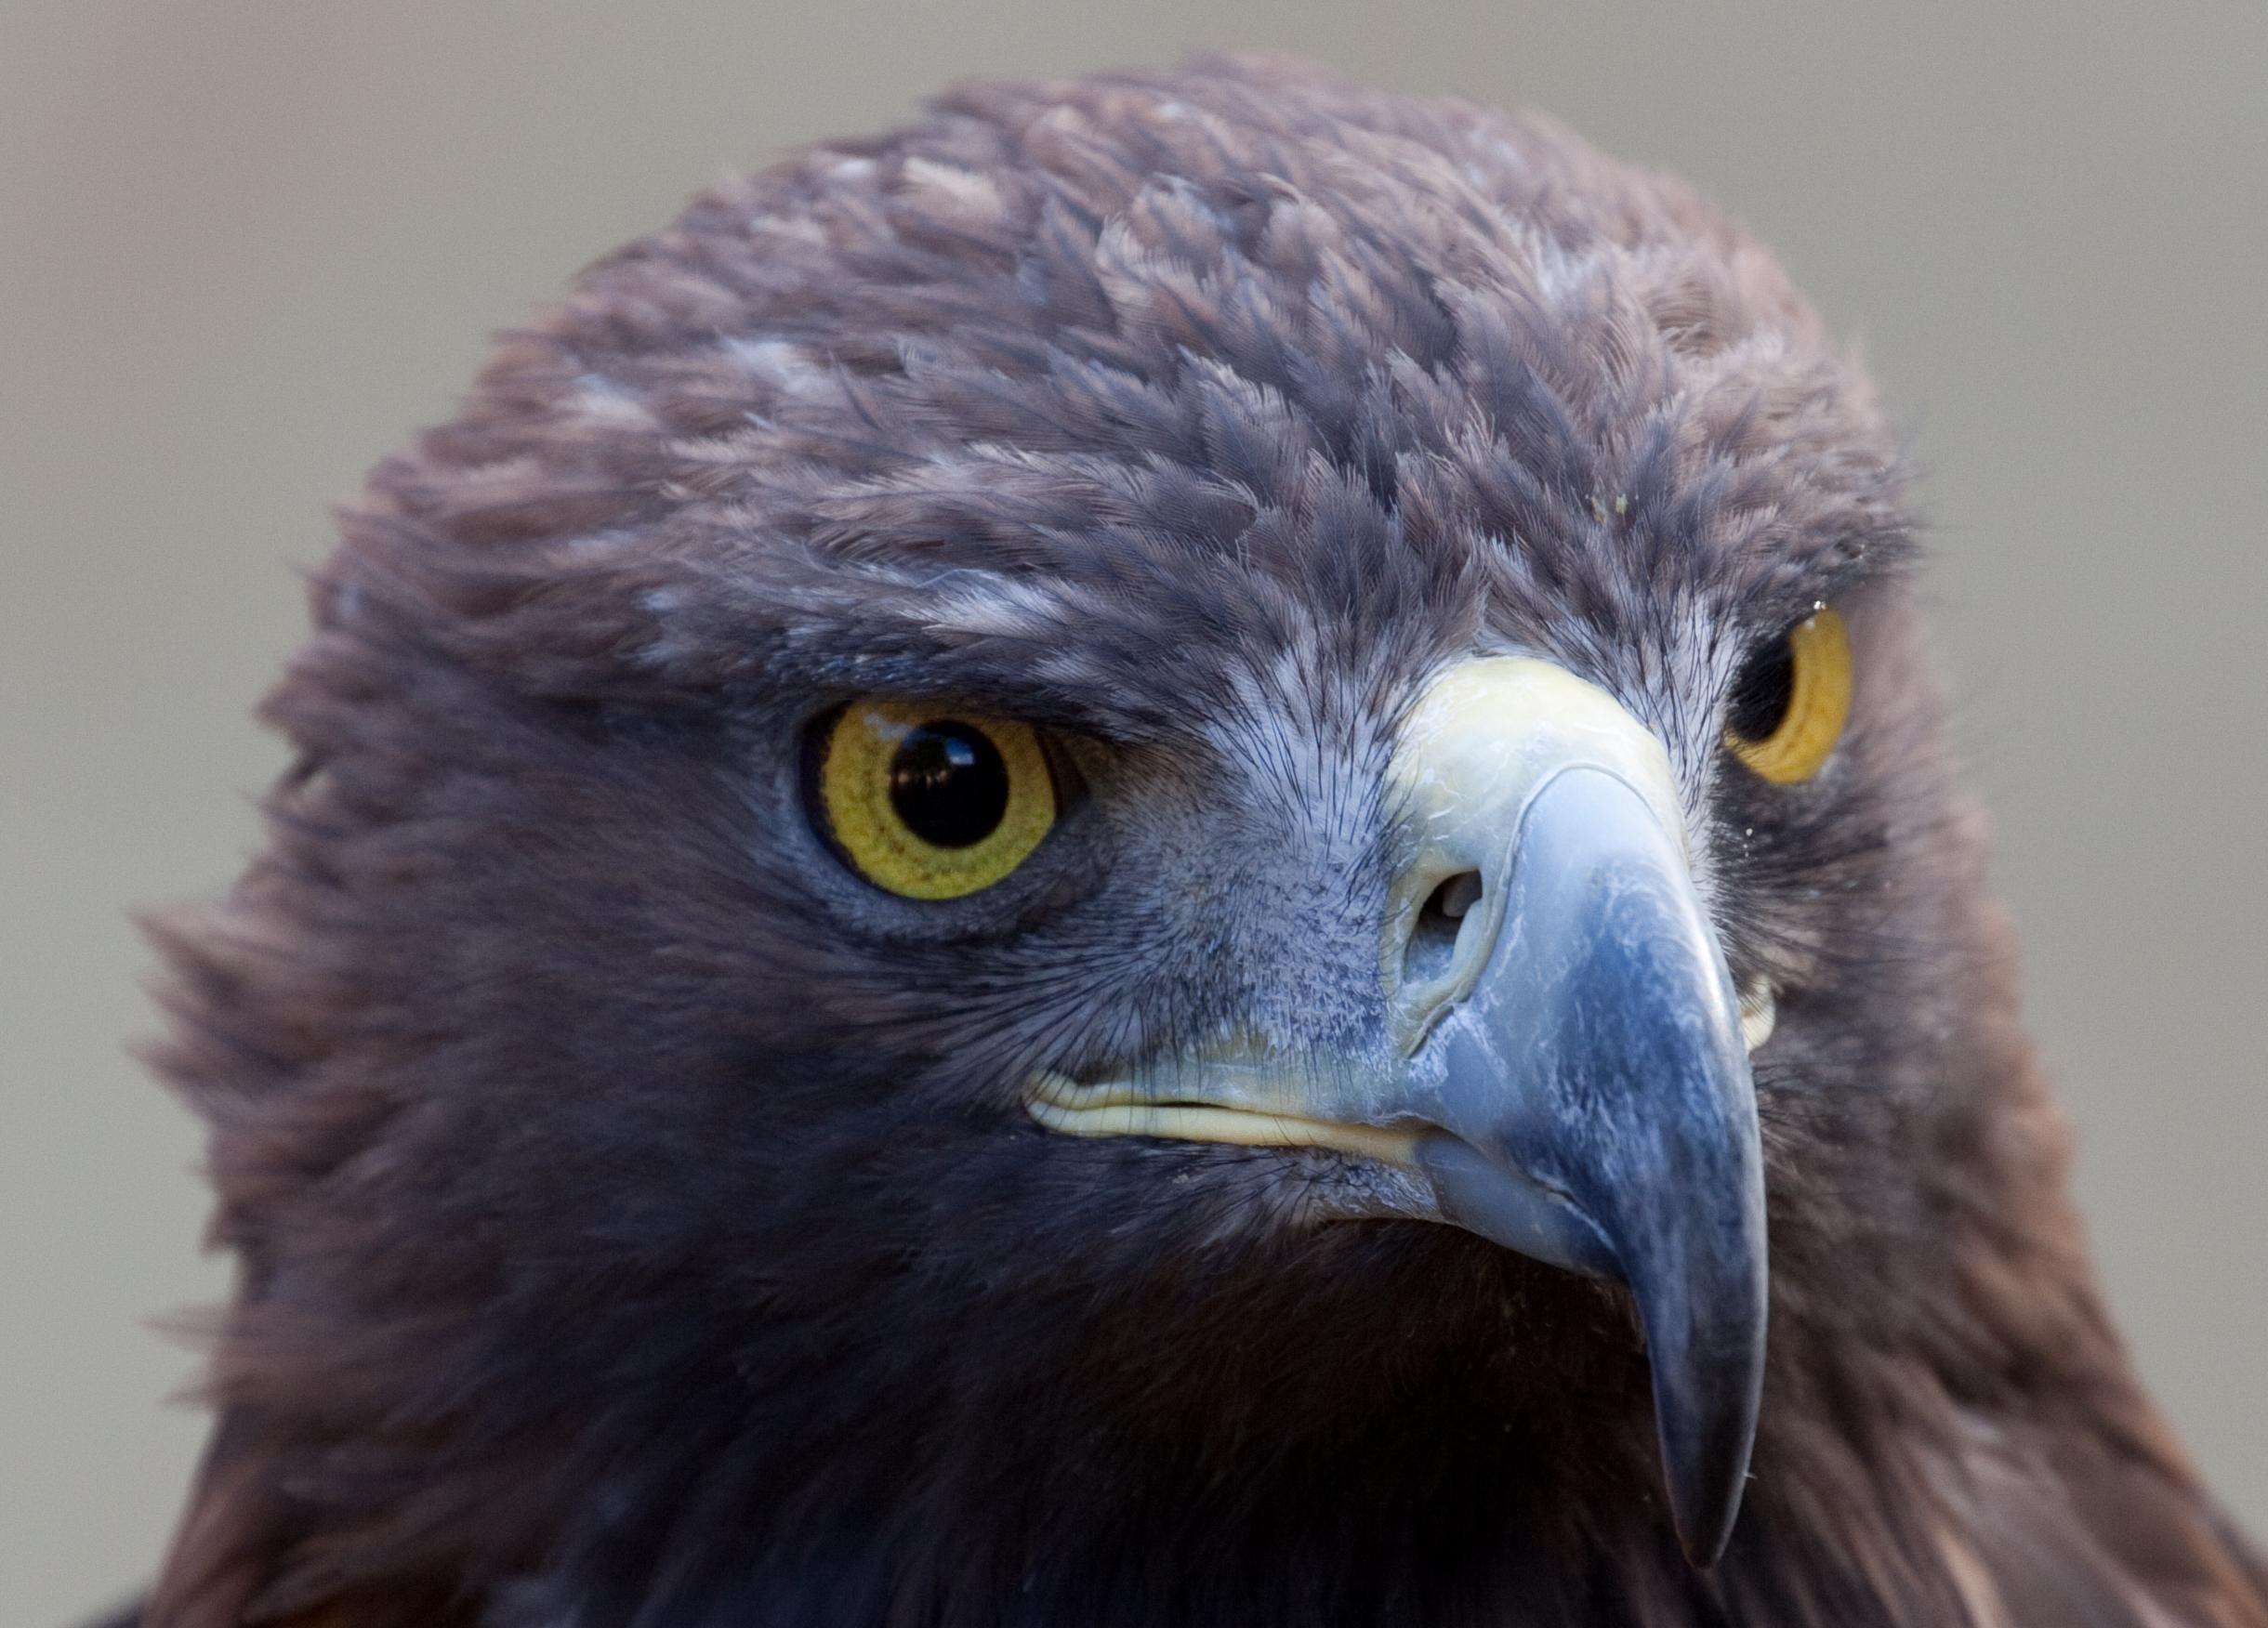 Filegolden Eagle 1c 6447277089 Jpg